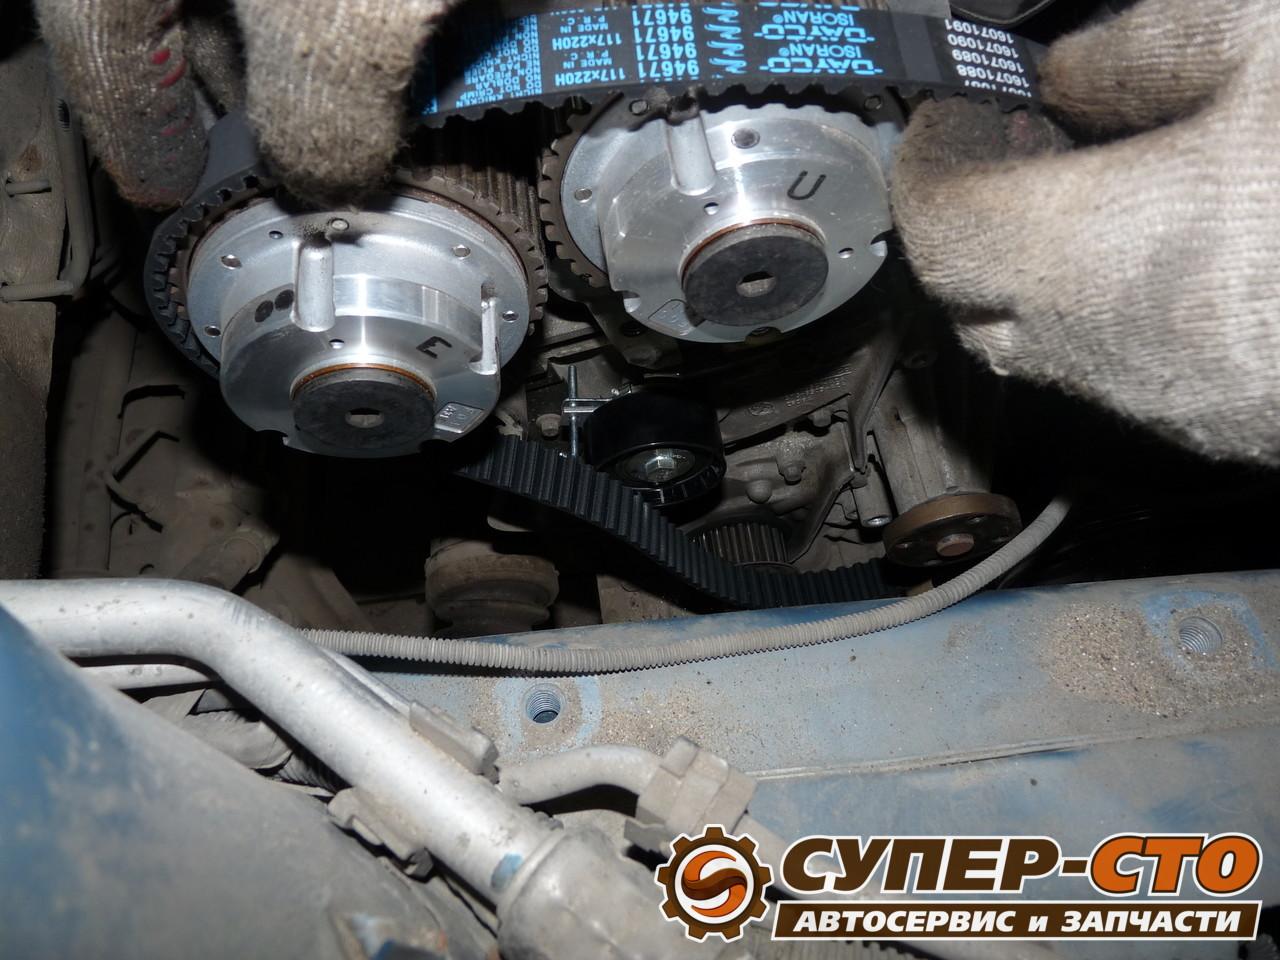 Замена ремня ГРМ на Форд Фокус Супер-СТО: Автосервис и Запчасти в Смоленске